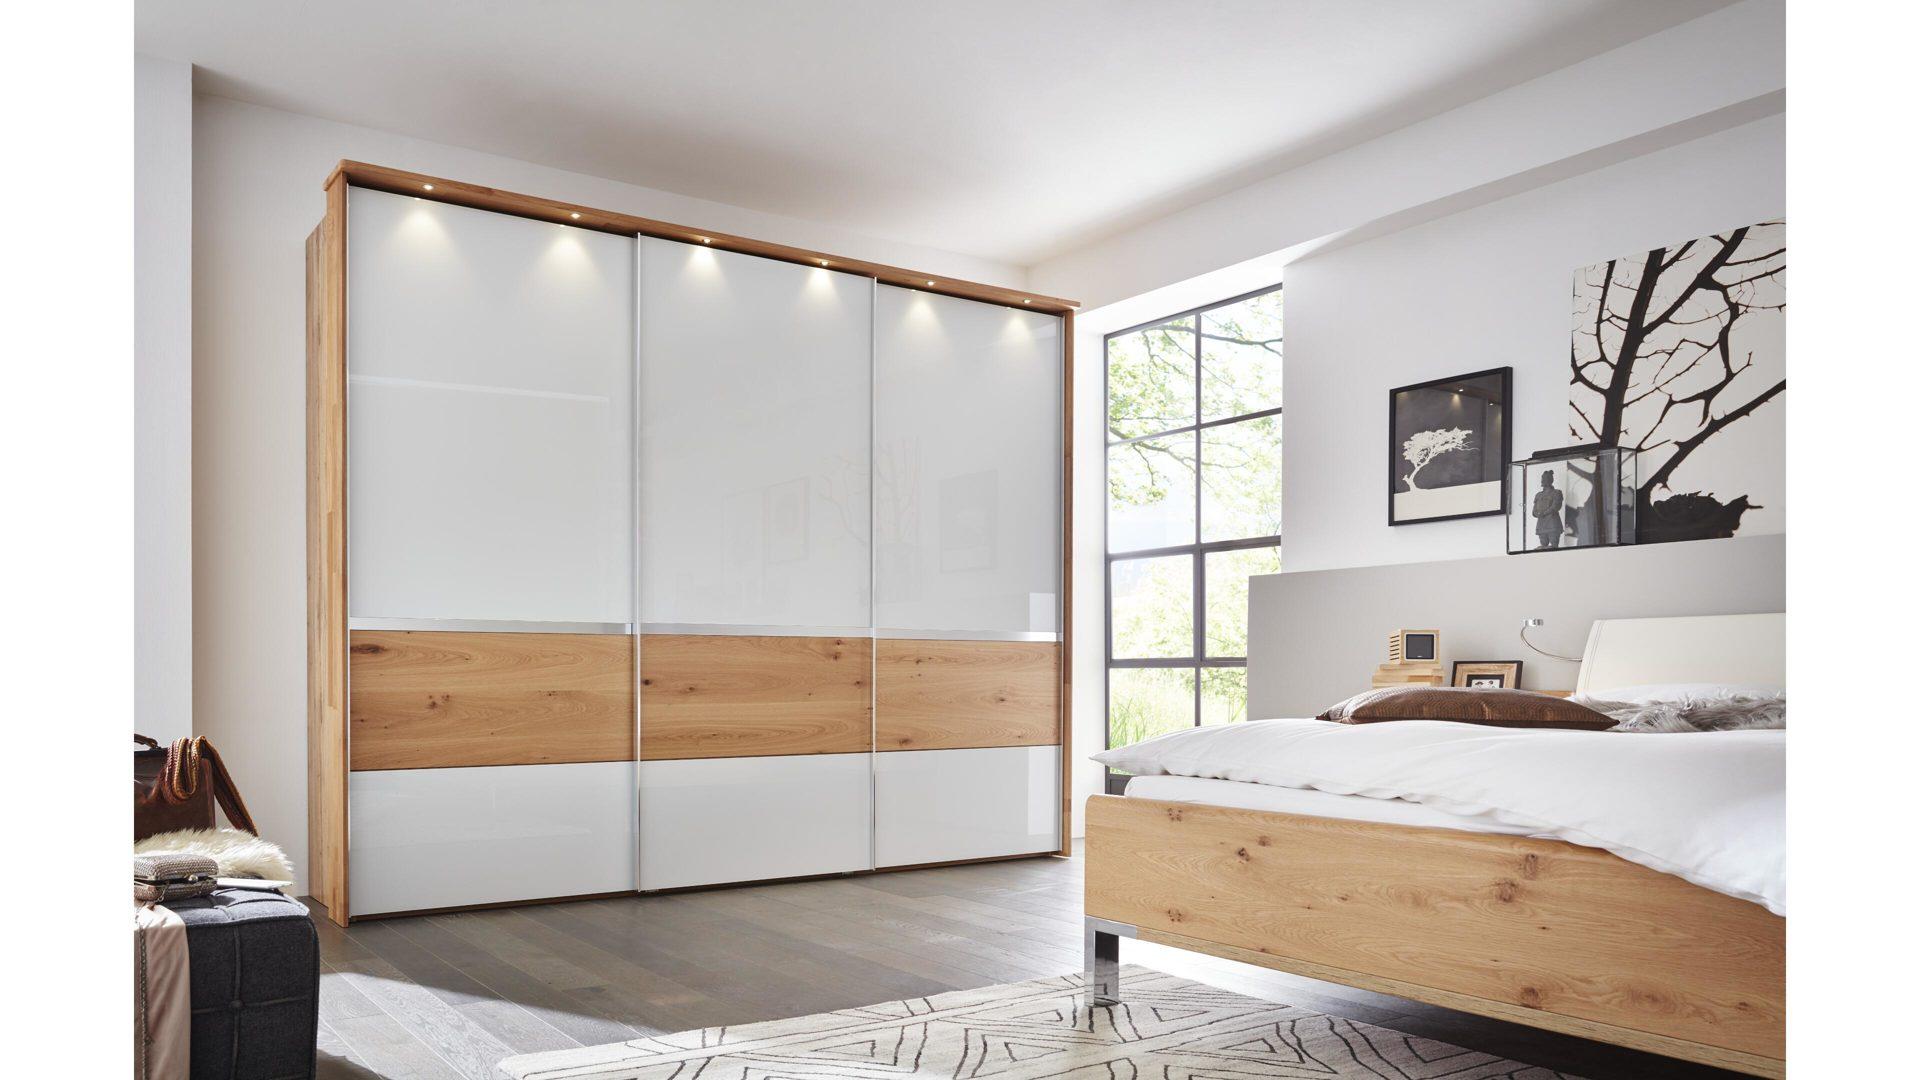 Interliving Schlafzimmer Serie 1202 Schwebeturenschrank Teilmassive Balkeneiche Weisses Glas Drei Turen